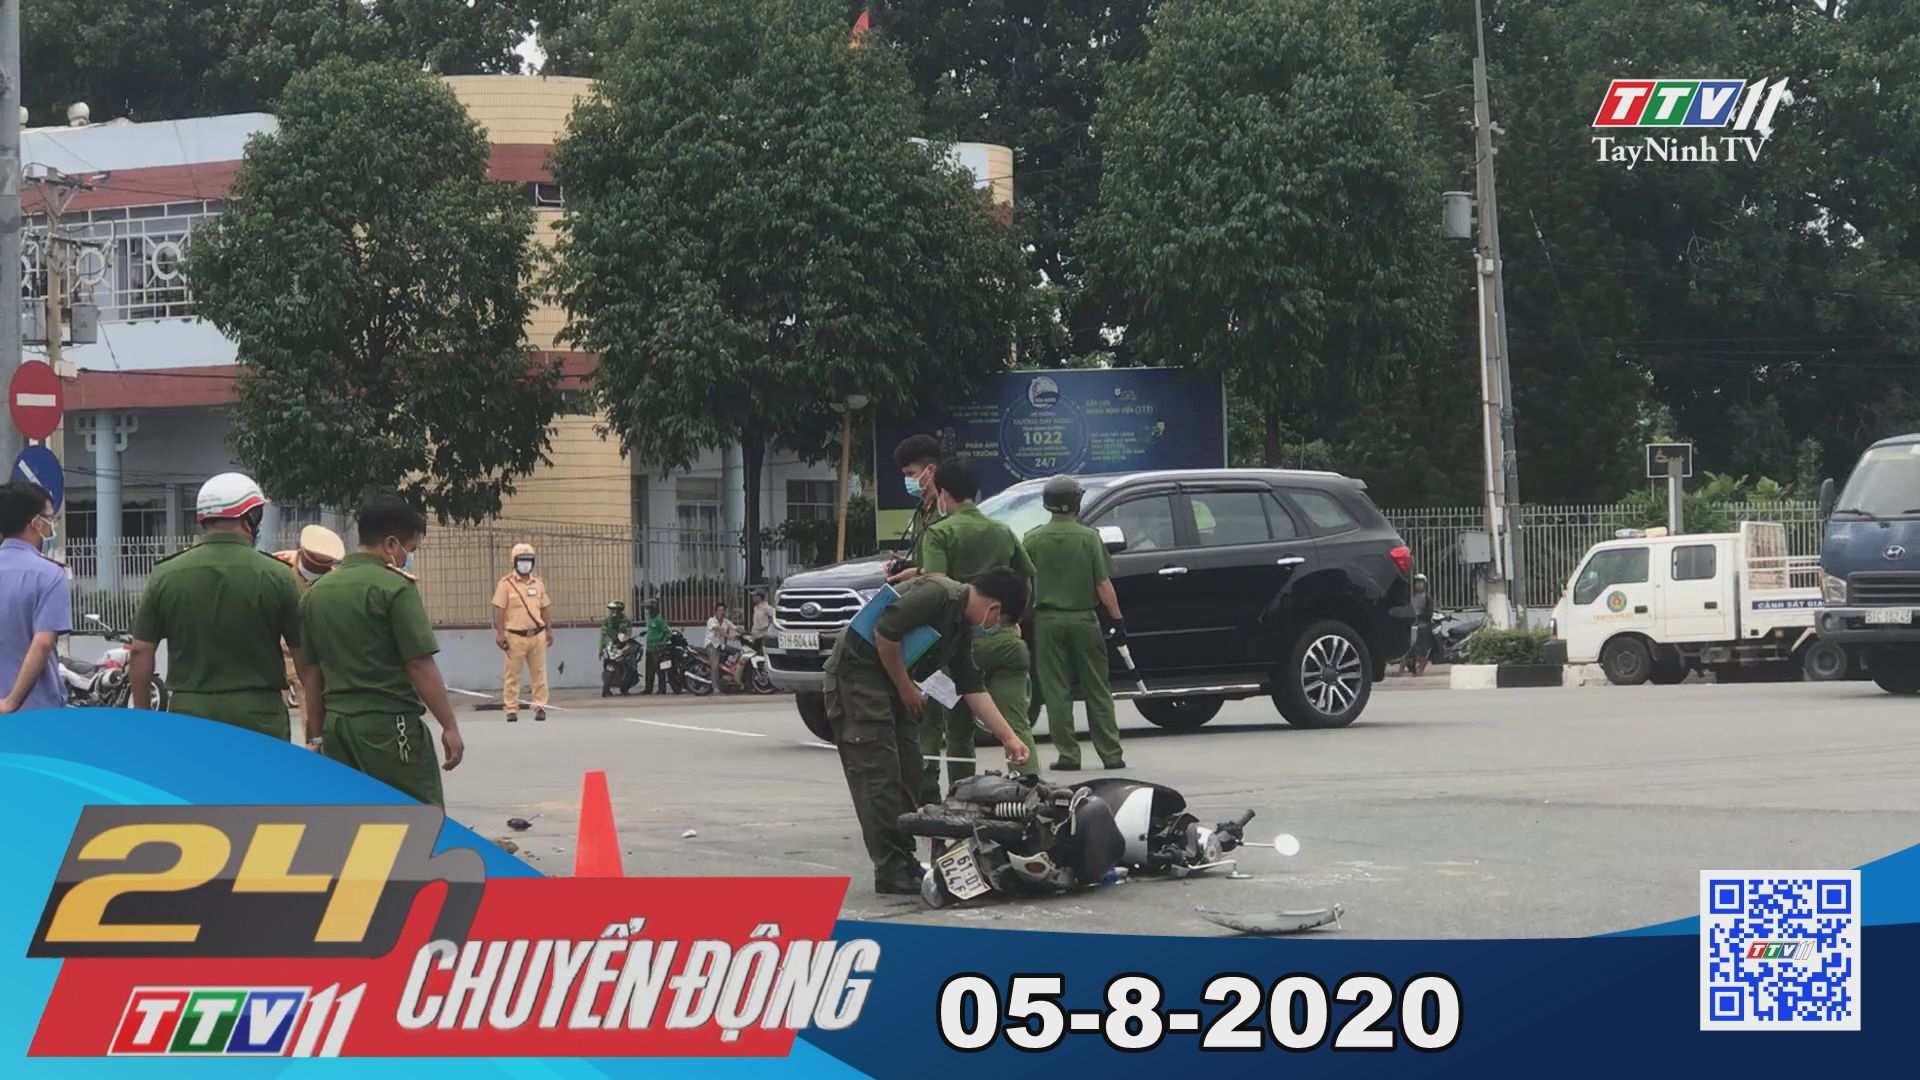 24h Chuyển động 05-8-2020 | Tin tức hôm nay | TayNinhTV